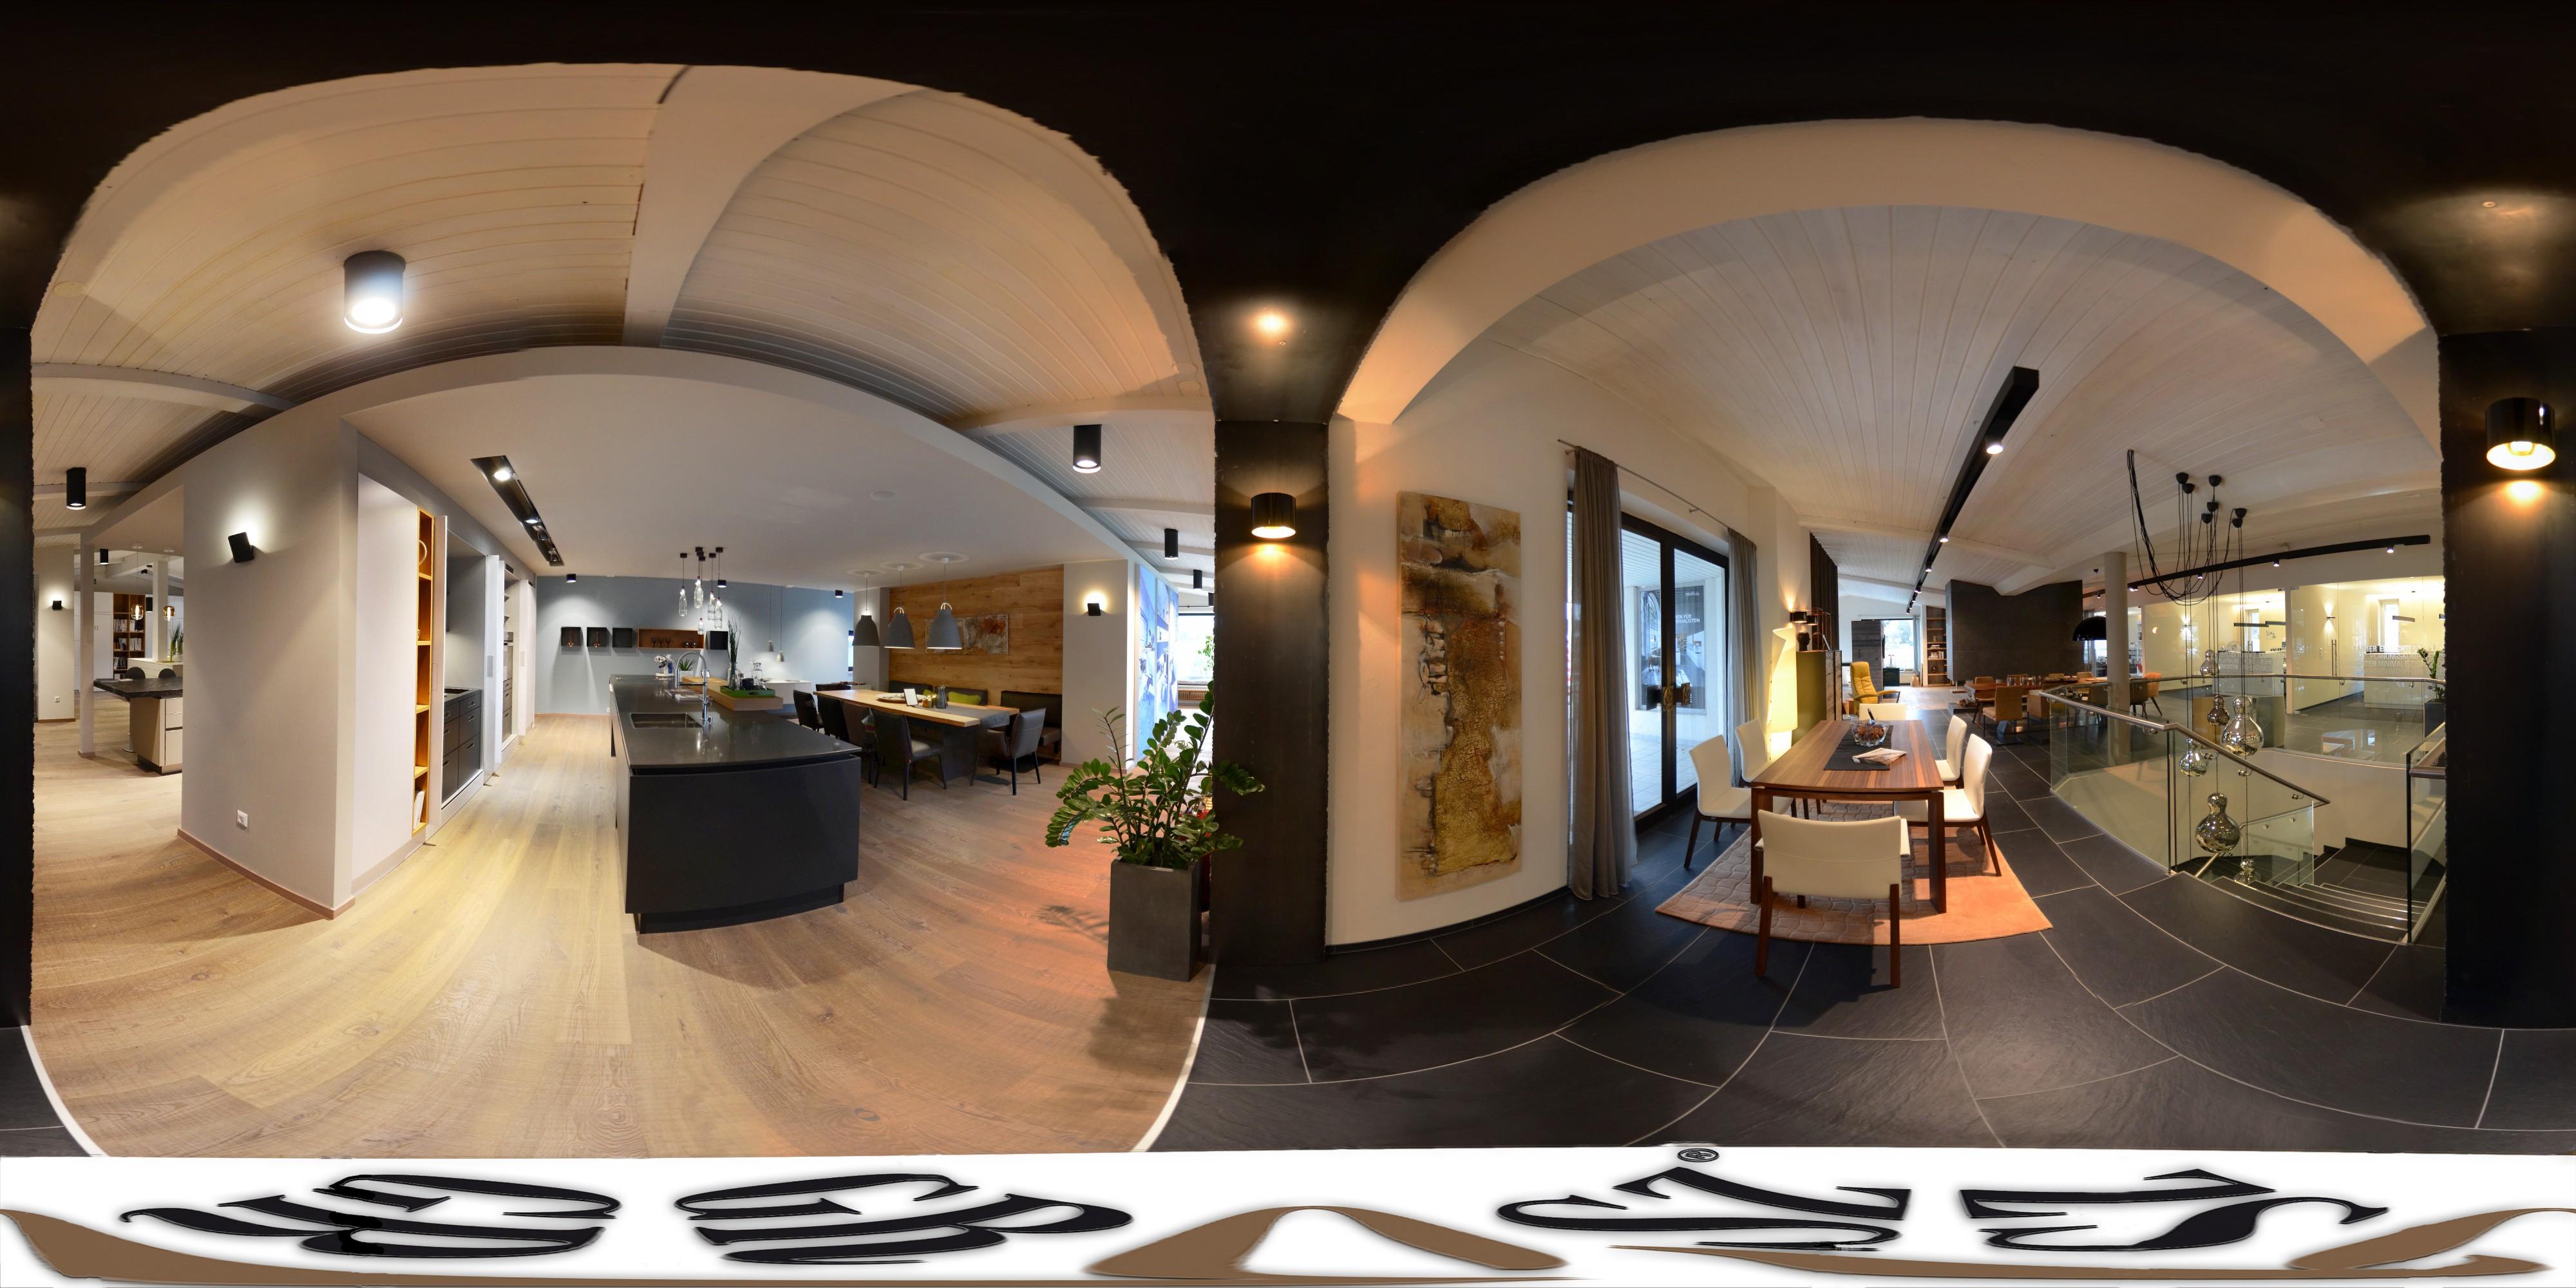 M bel laimer design handwerk in mattsee tischler for Design einrichtungshaus